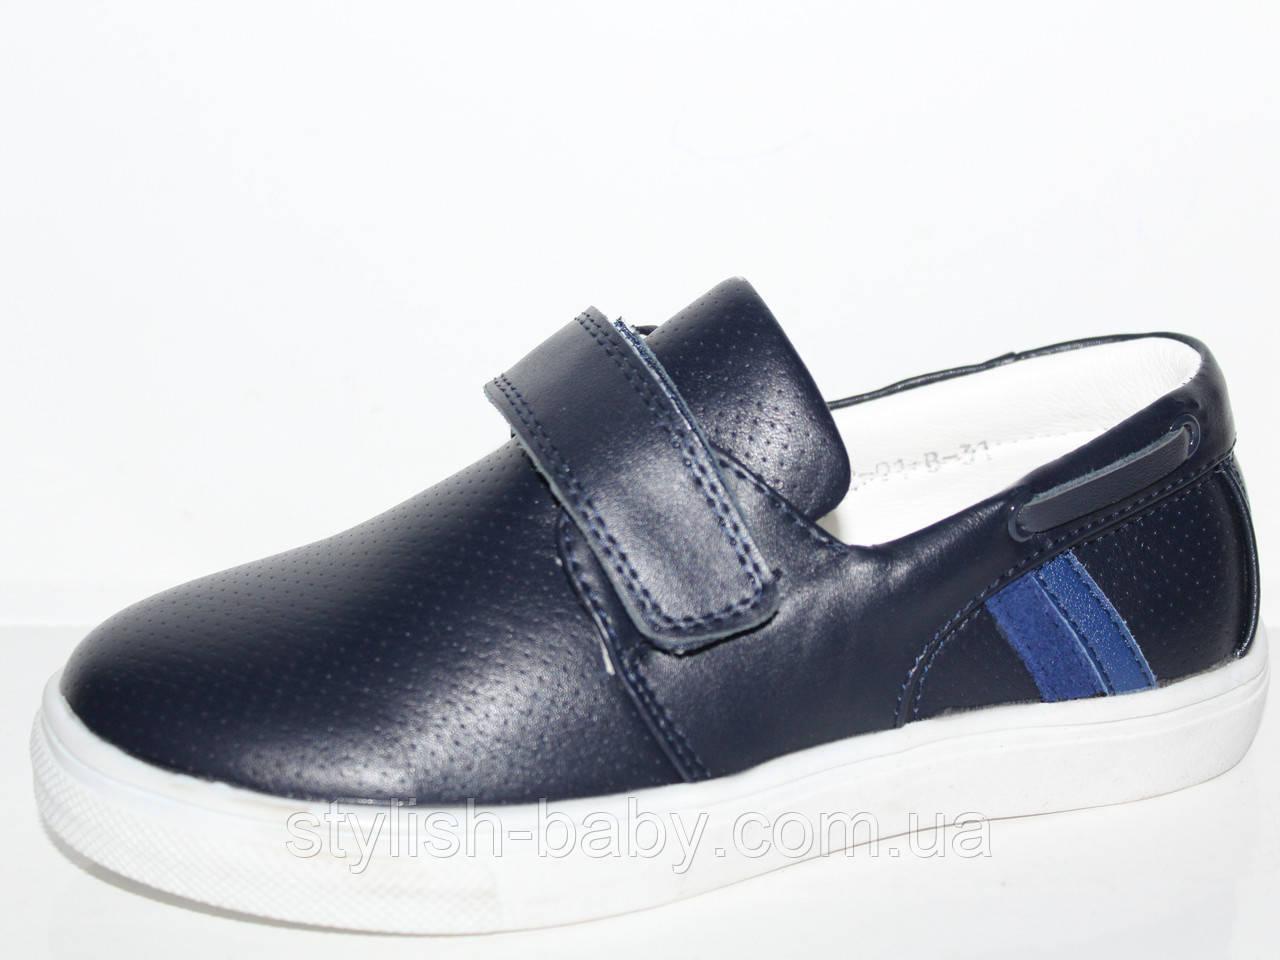 b0ccf9021 Детская обувь оптом. Детские спортивные туфли бренда Tom.m для мальчиков  (рр.